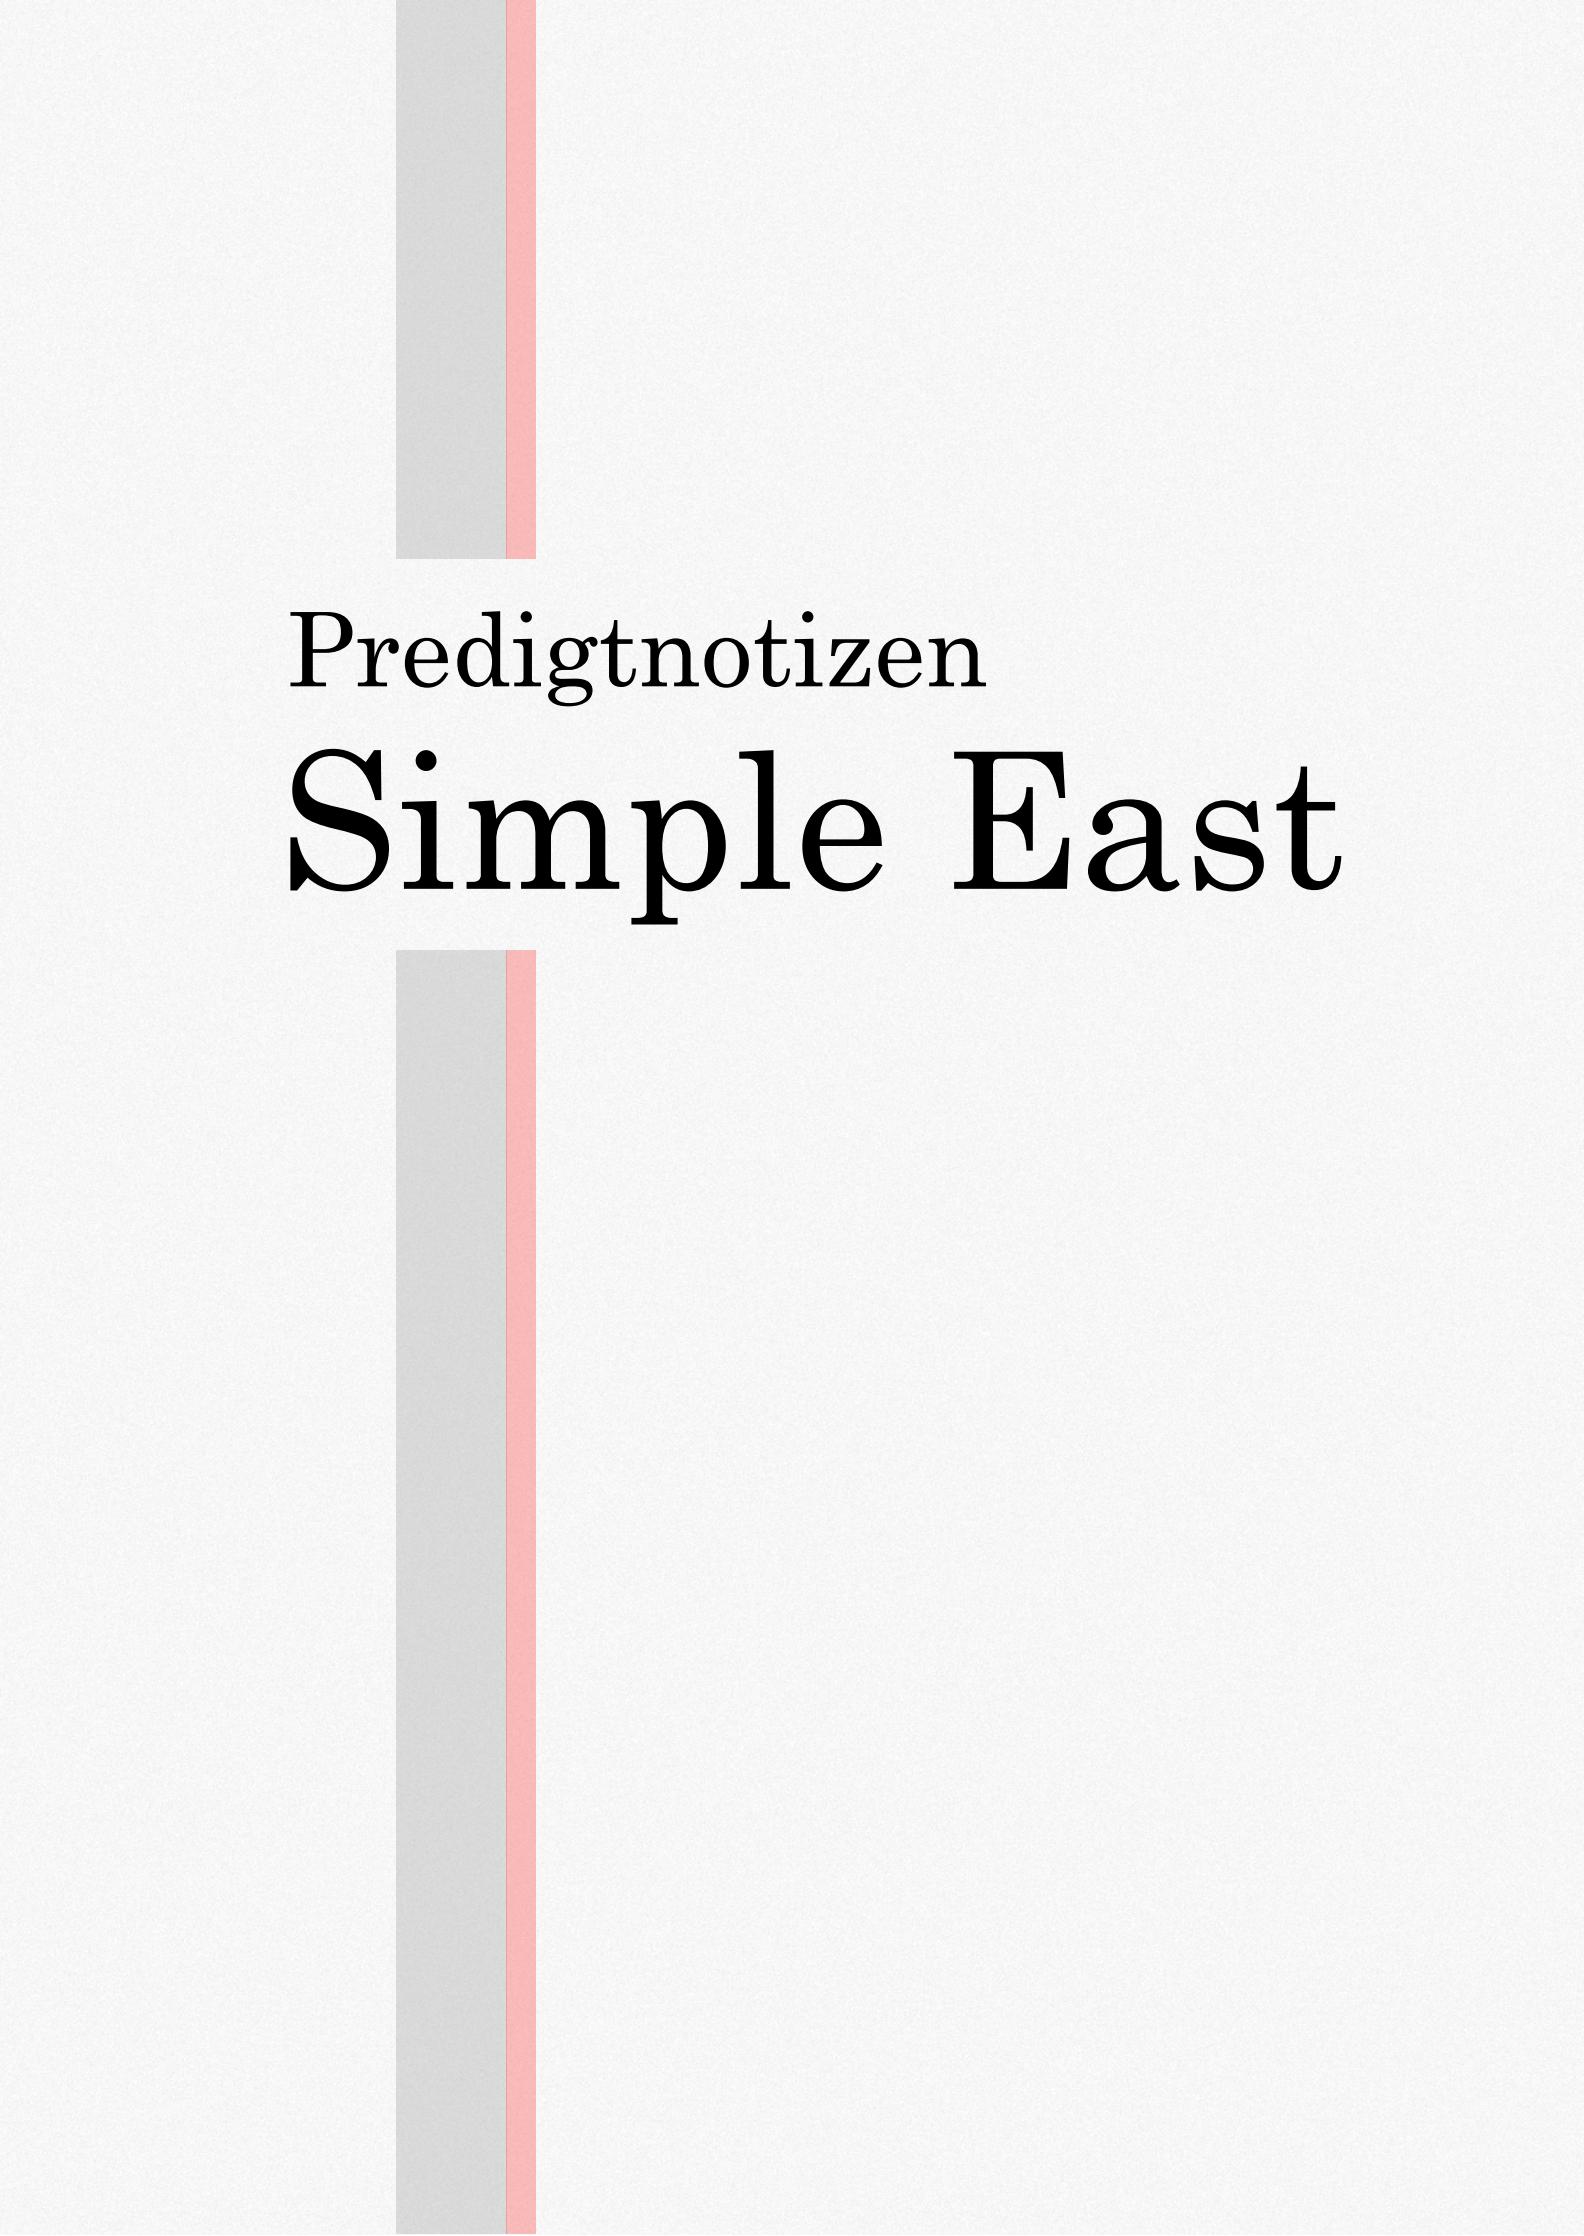 Simple East Titel